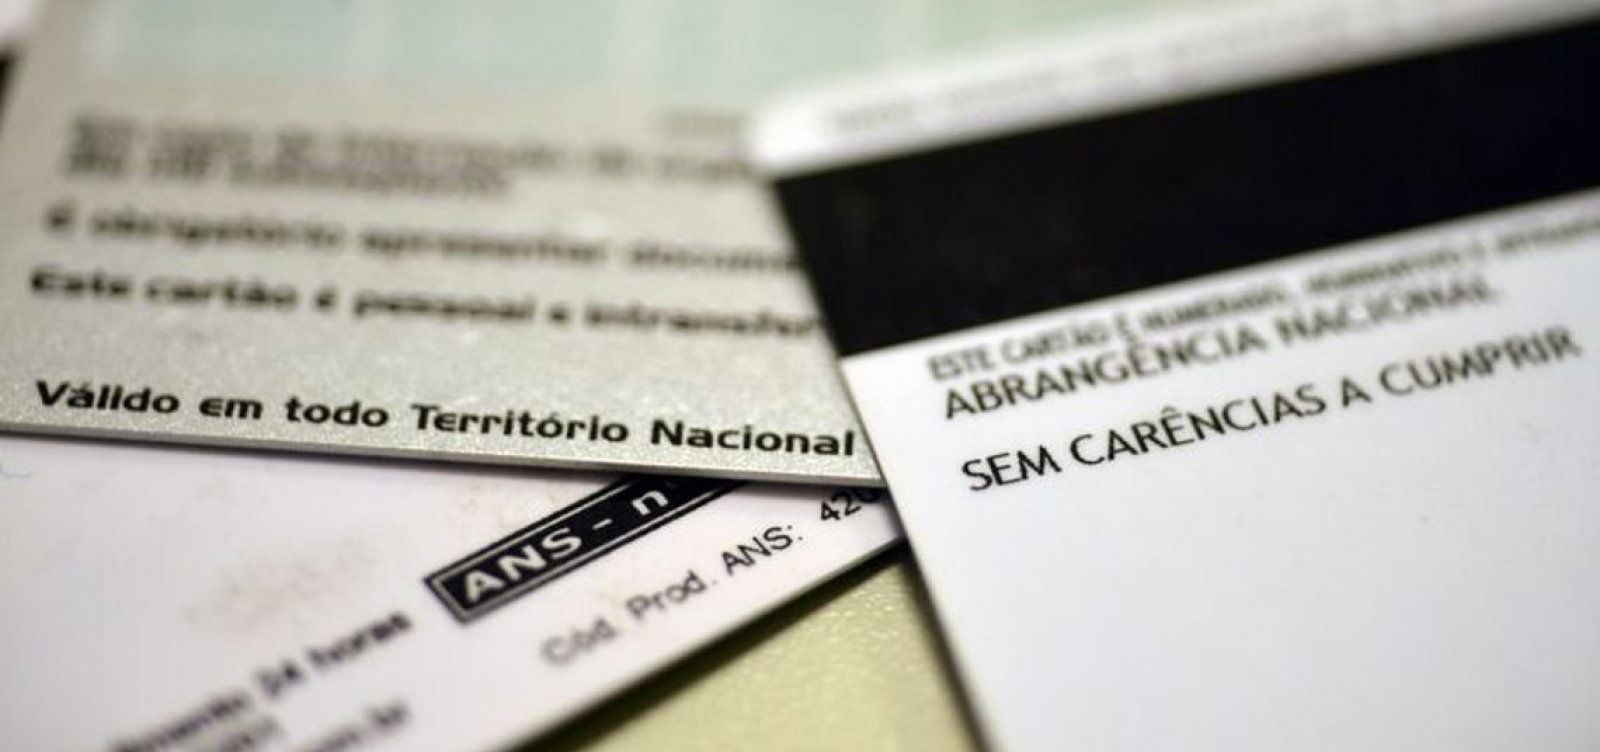 Planos de saúde sobem quase 50%; entidades vêem aumento abusivo e vão à Justiça